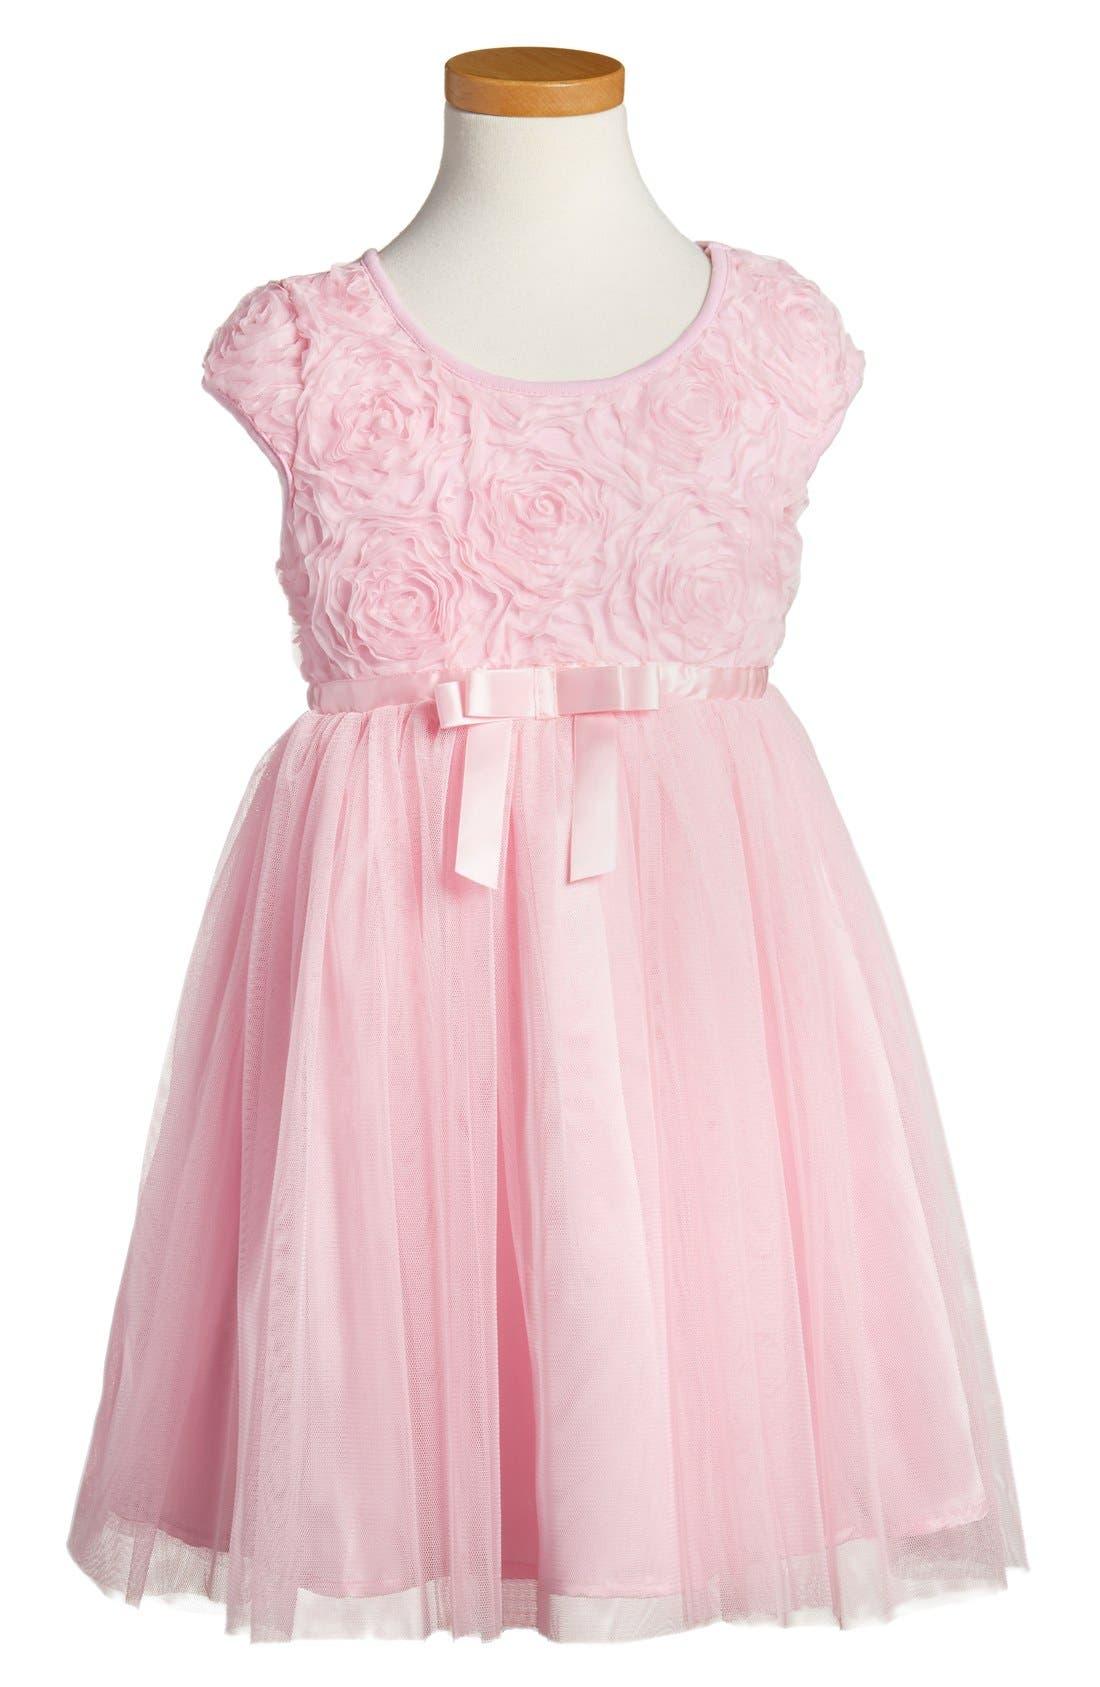 Ribbon Rosette Tulle Dress,                             Main thumbnail 1, color,                             PINK